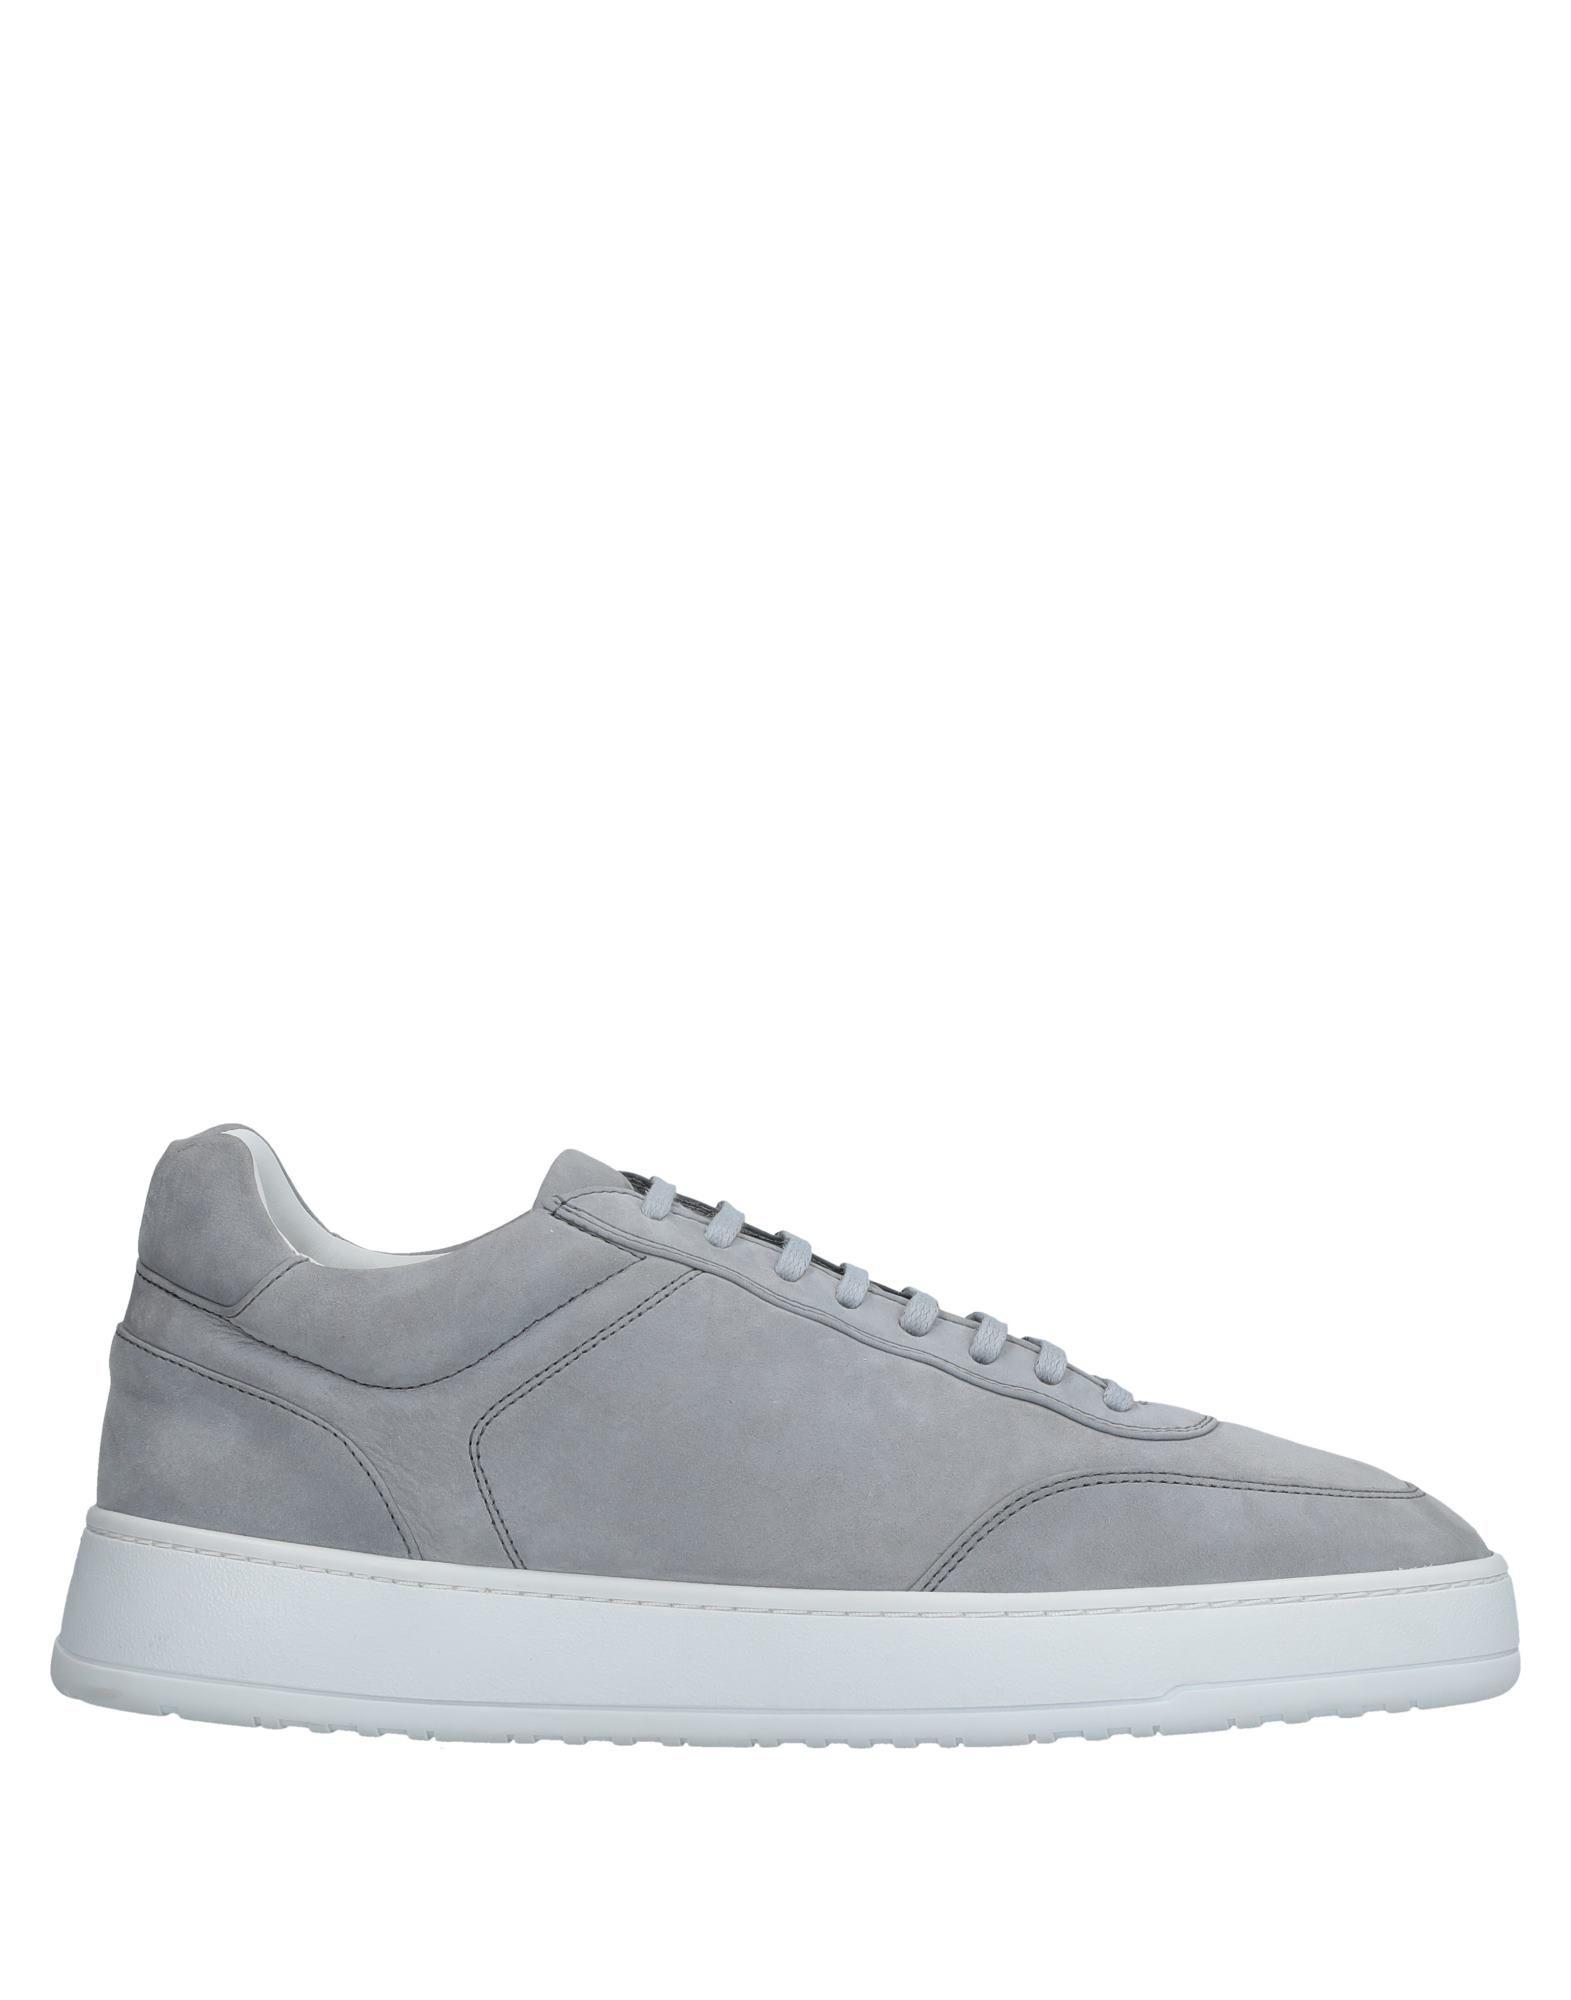 Etq Amsterdam Sneakers Herren  11544305RQ Gute Qualität beliebte Schuhe